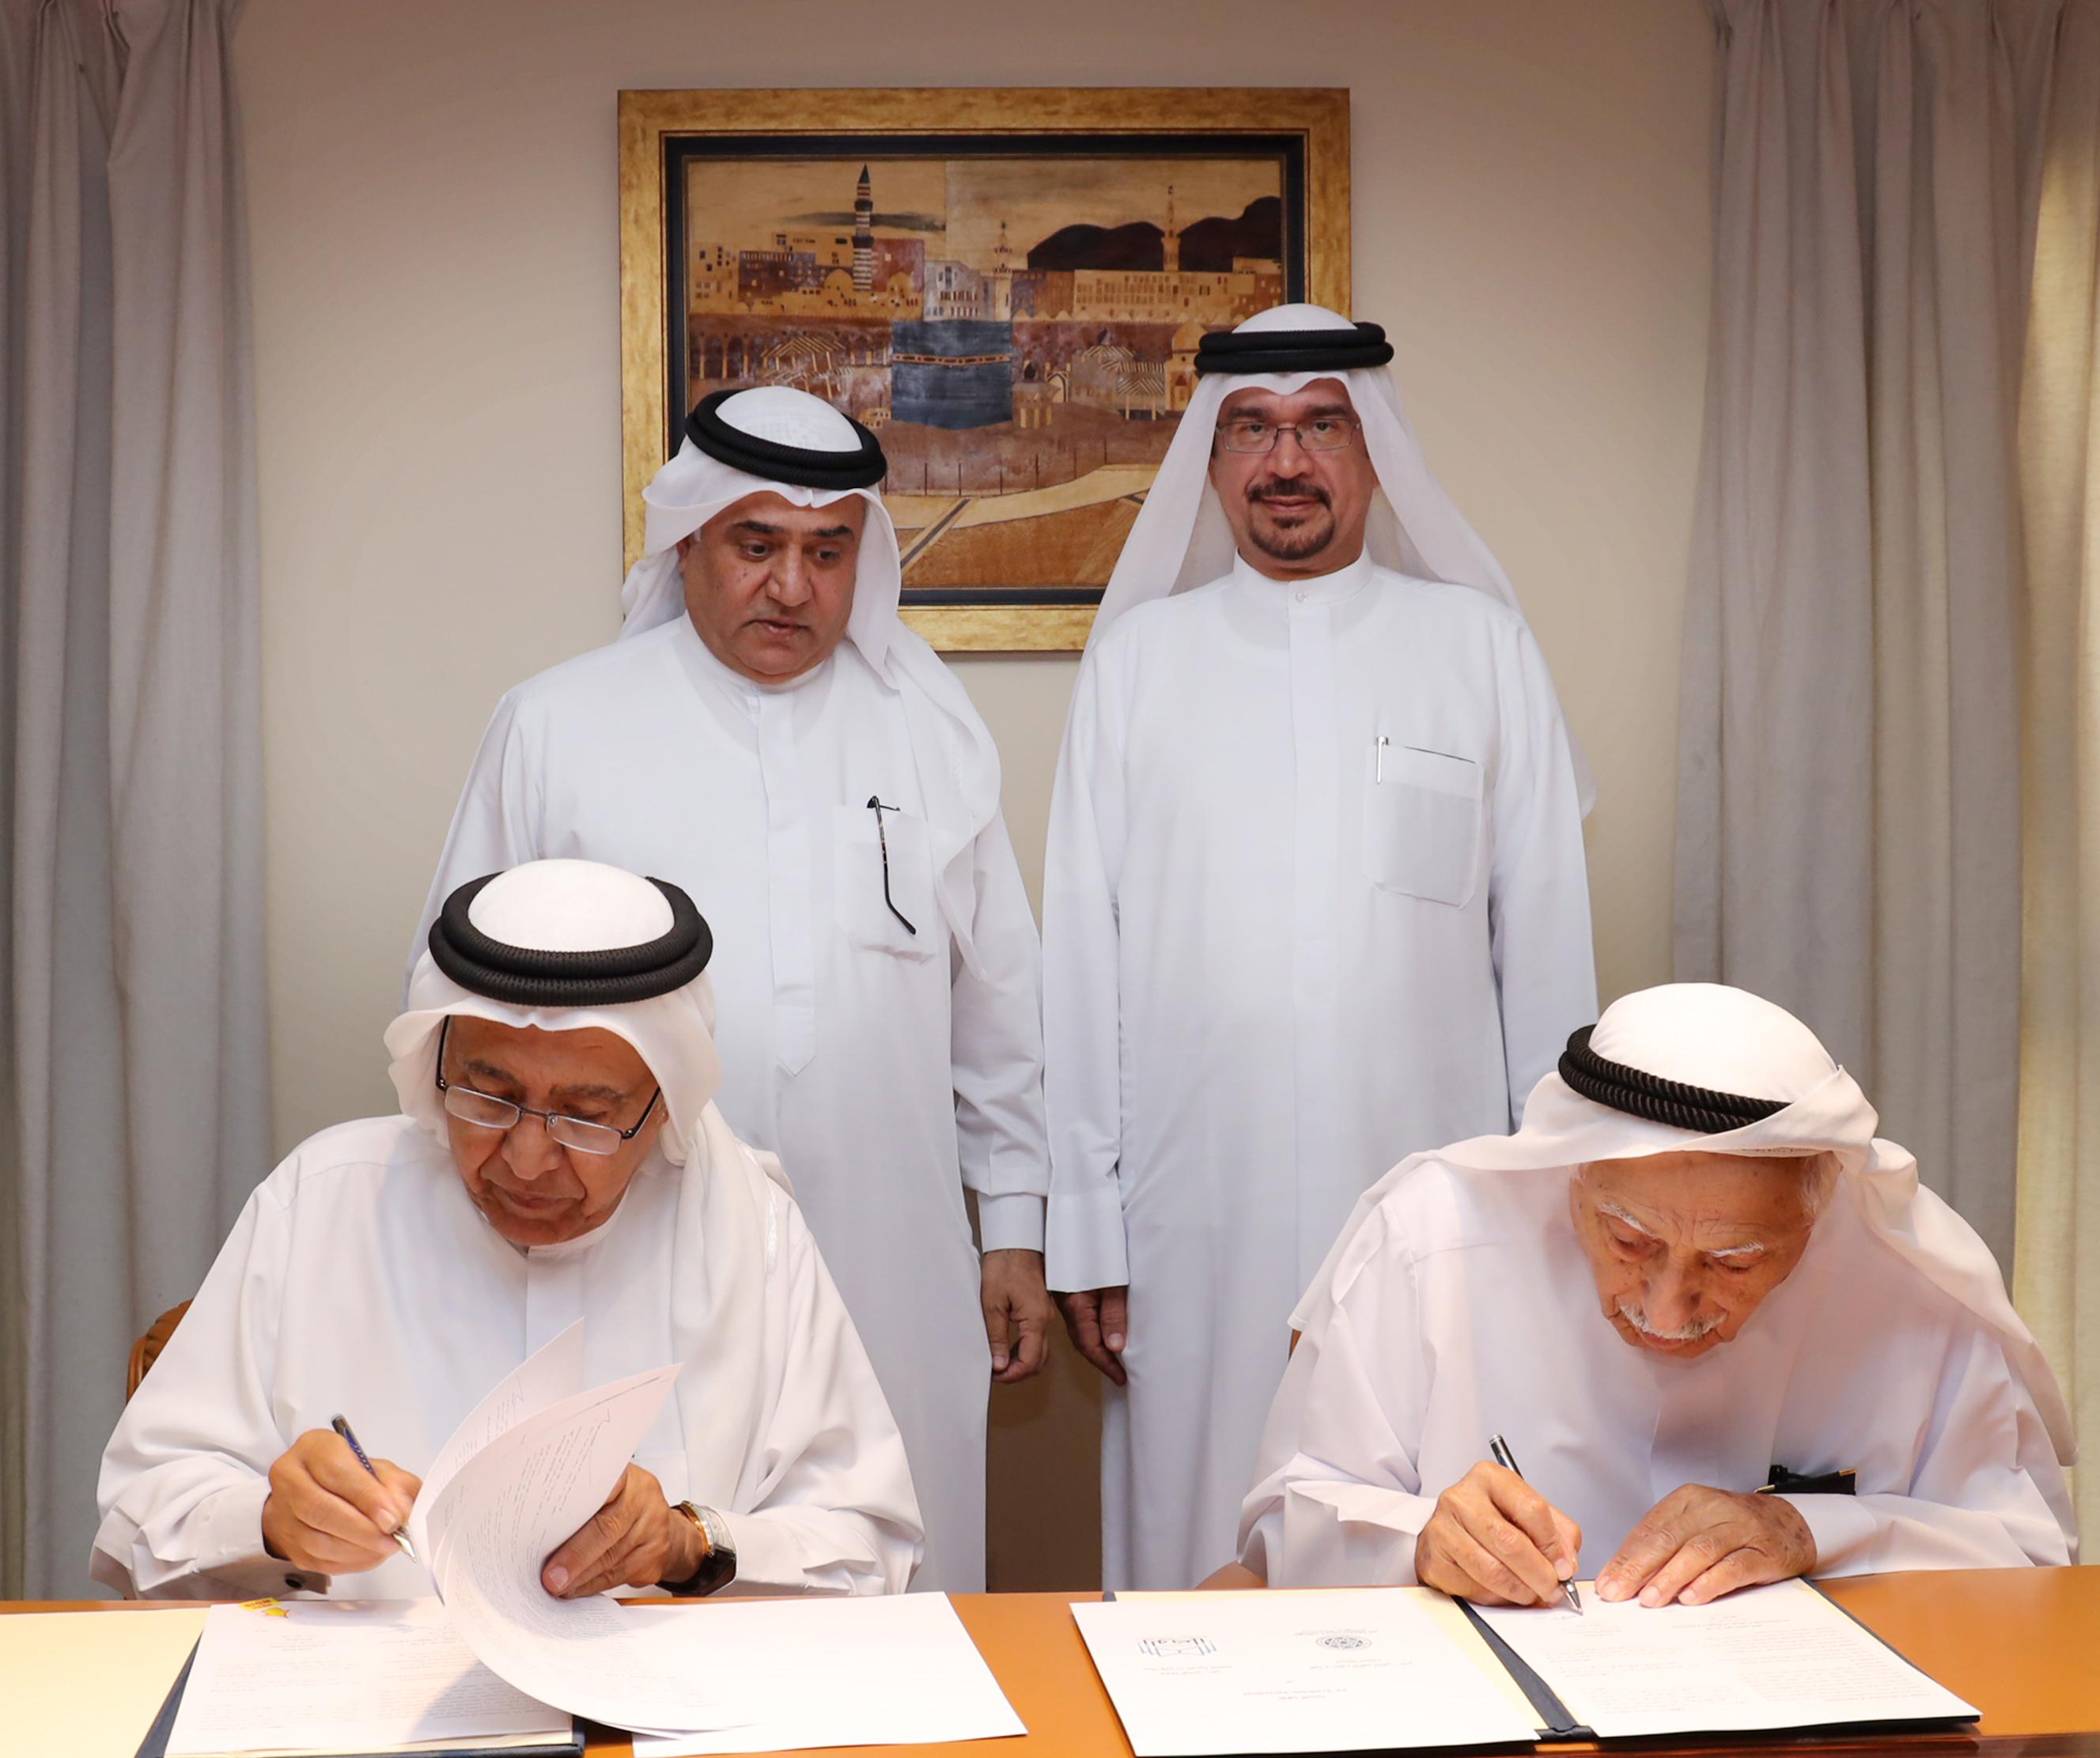 اتفاقية تعاون علمي بين جامعة الوصل بدبي وكلية آل مكتوم للتعليم العالي باسكتلندا